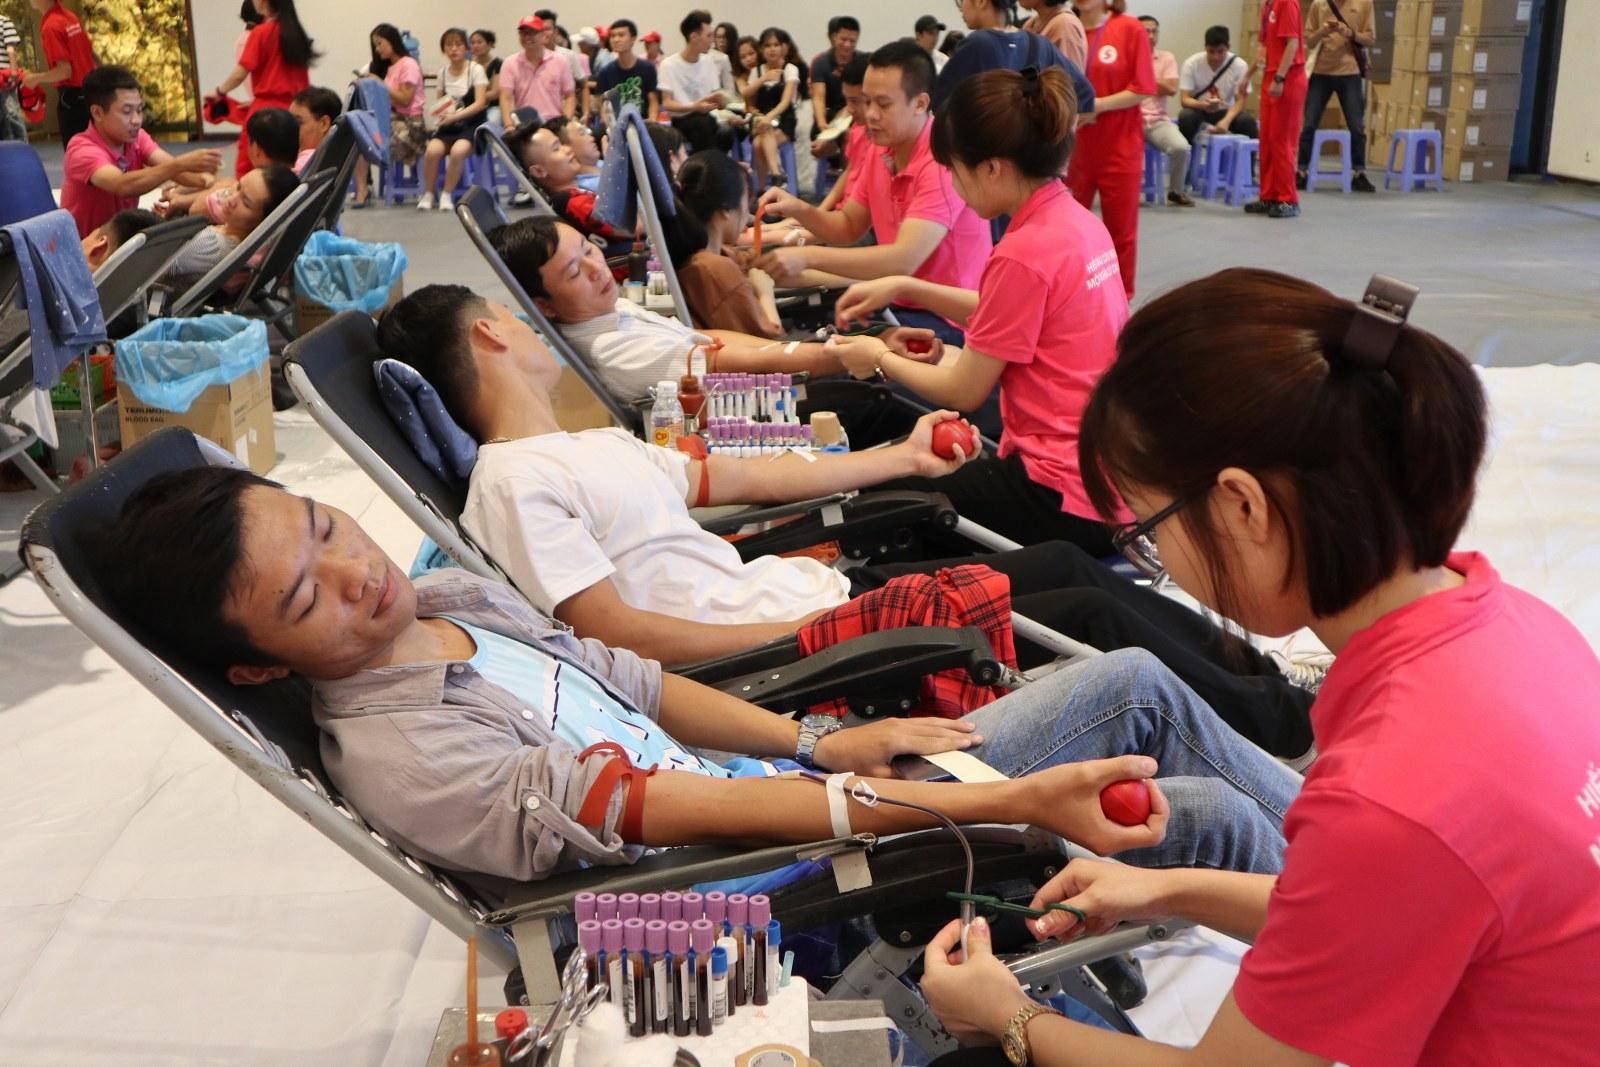 Ước tính đến khi kết thúc toàn bộ chương trình, sẽ có hơn 85.000 đơn vị máu được tiếp nhận. Lượng máu tiếp nhận trong chương trình Hành trình Đỏ đã được điều phối chung trên cả nước, khắc phục được tình trạng khan hiếm máu ở nhiều địa phương.